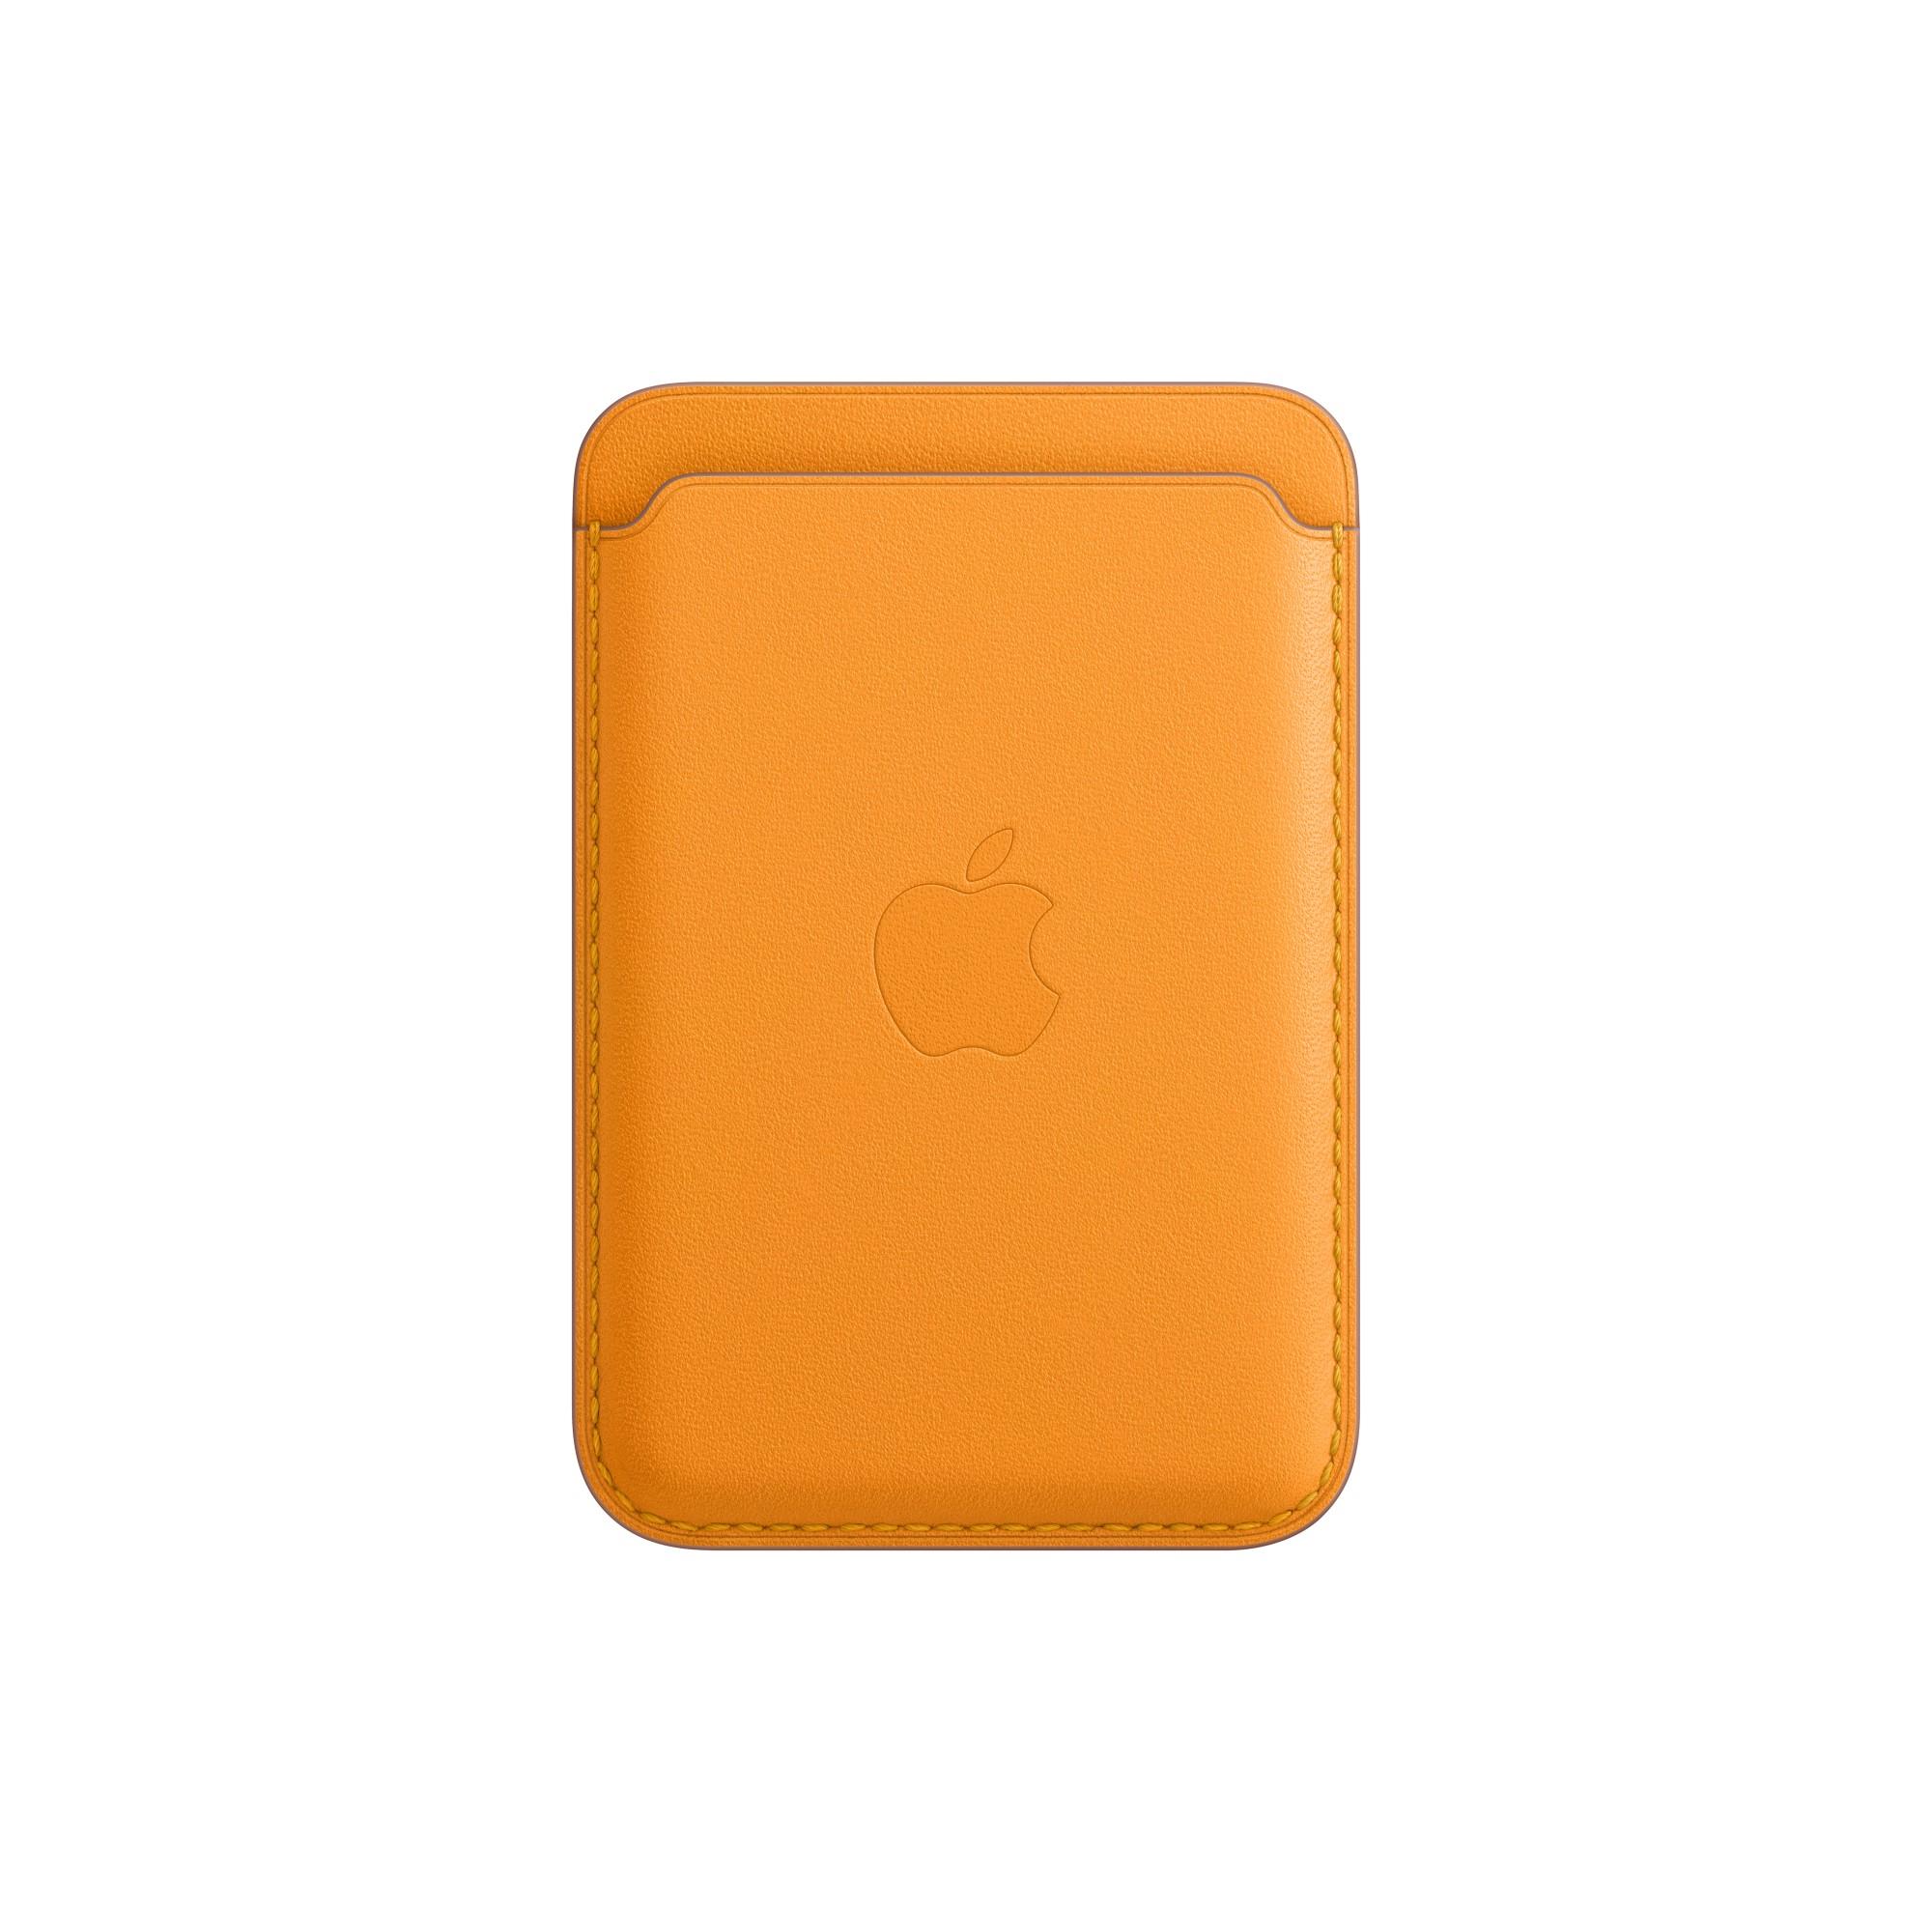 Apple MHLP3ZM/A accesorio para dispositivo de mano Naranja